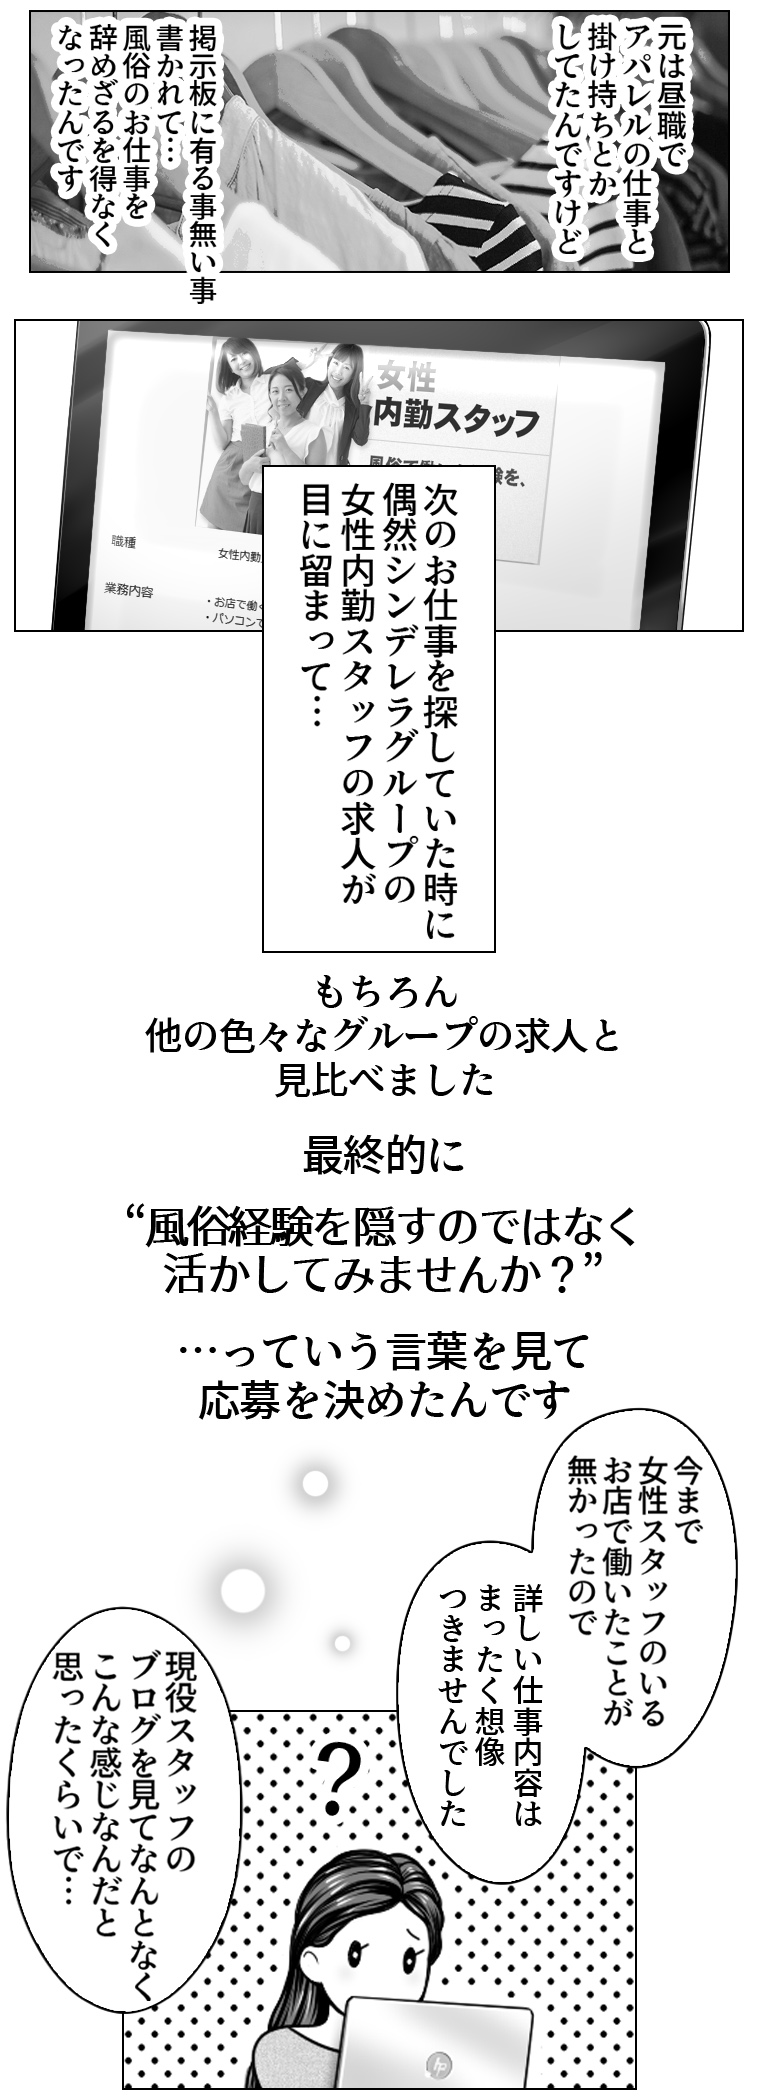 シンデレラグループ女性内勤スタッフ漫画3